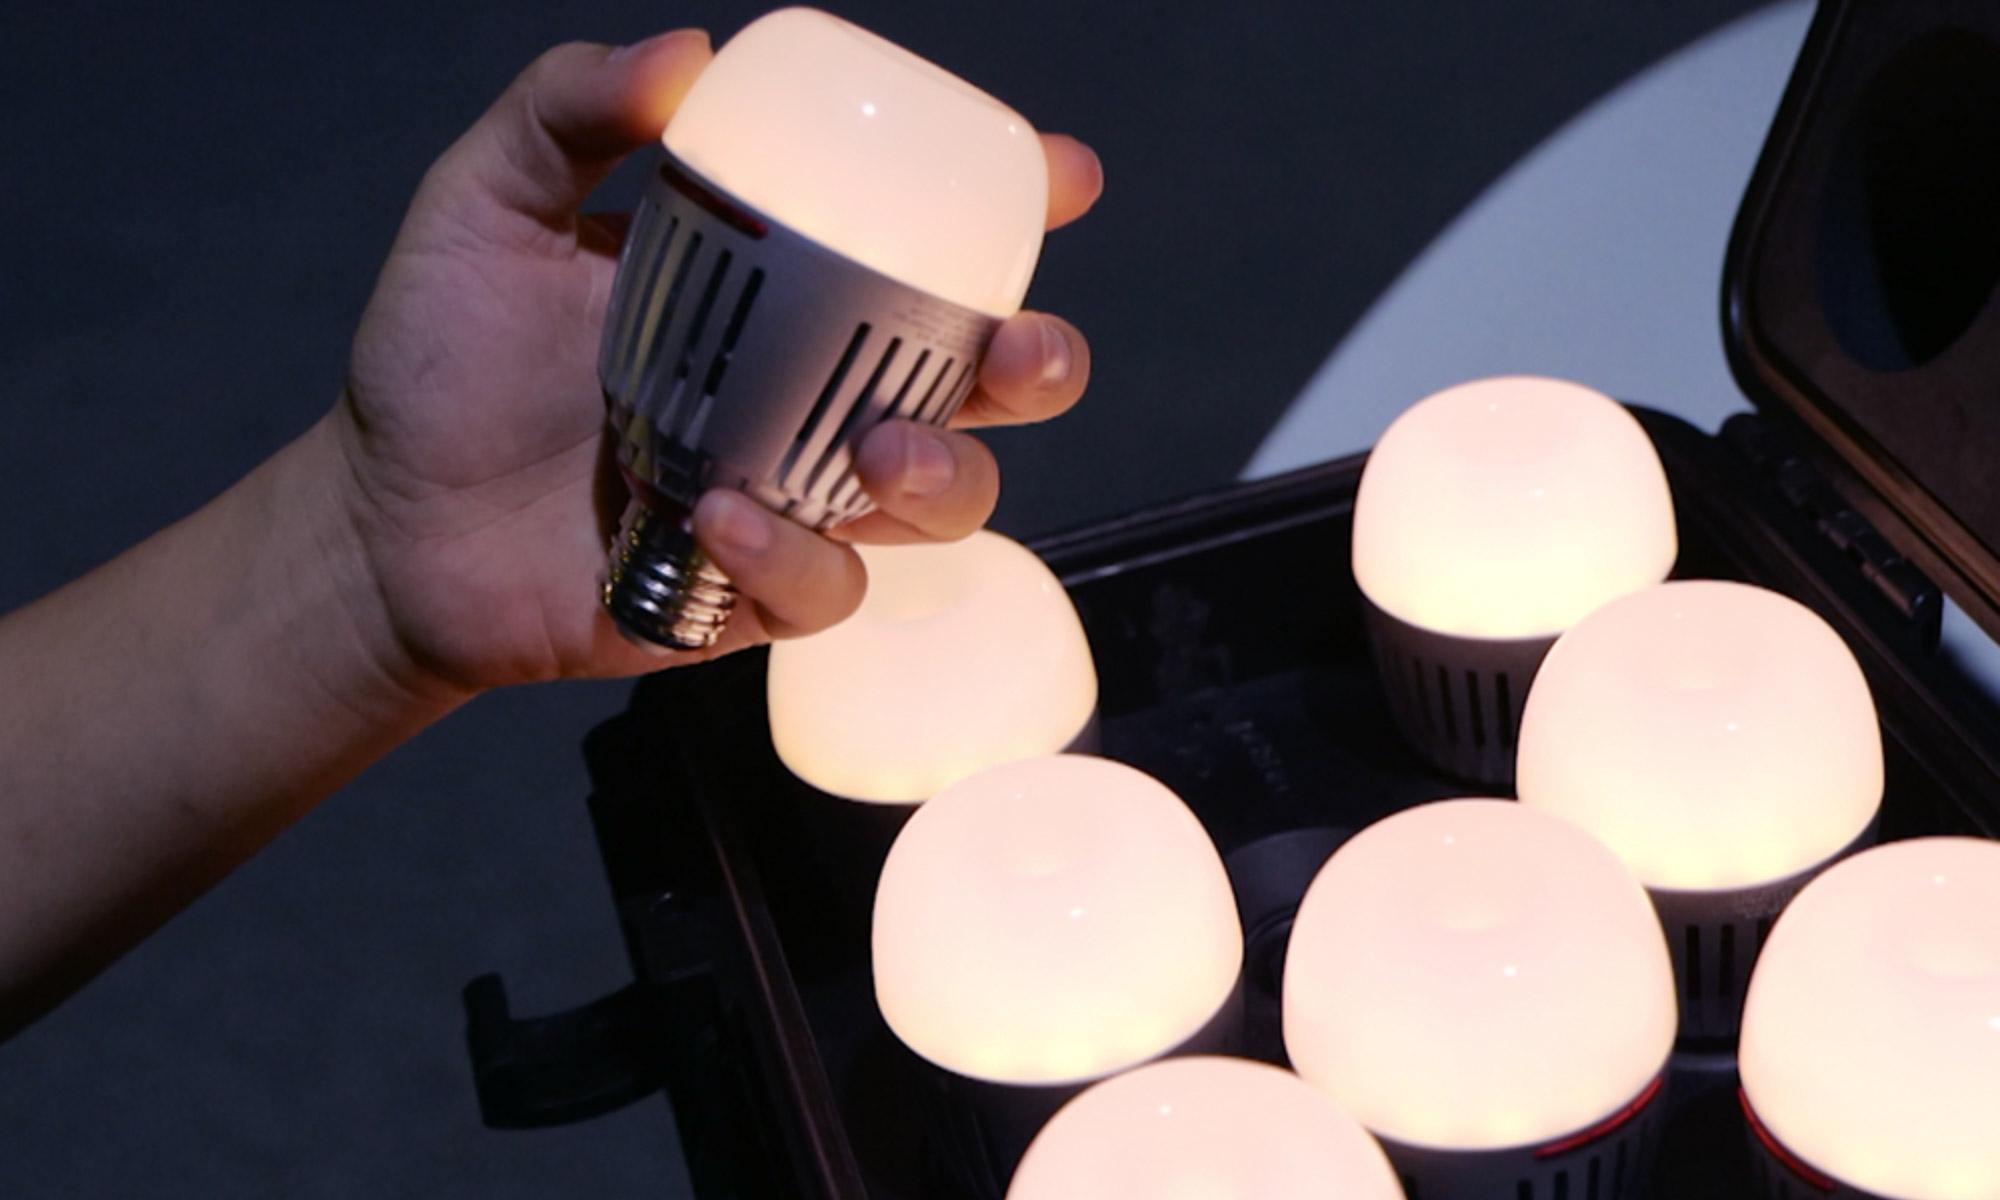 Walizka wypełniona żarówkami LED Aputure Accent B7c